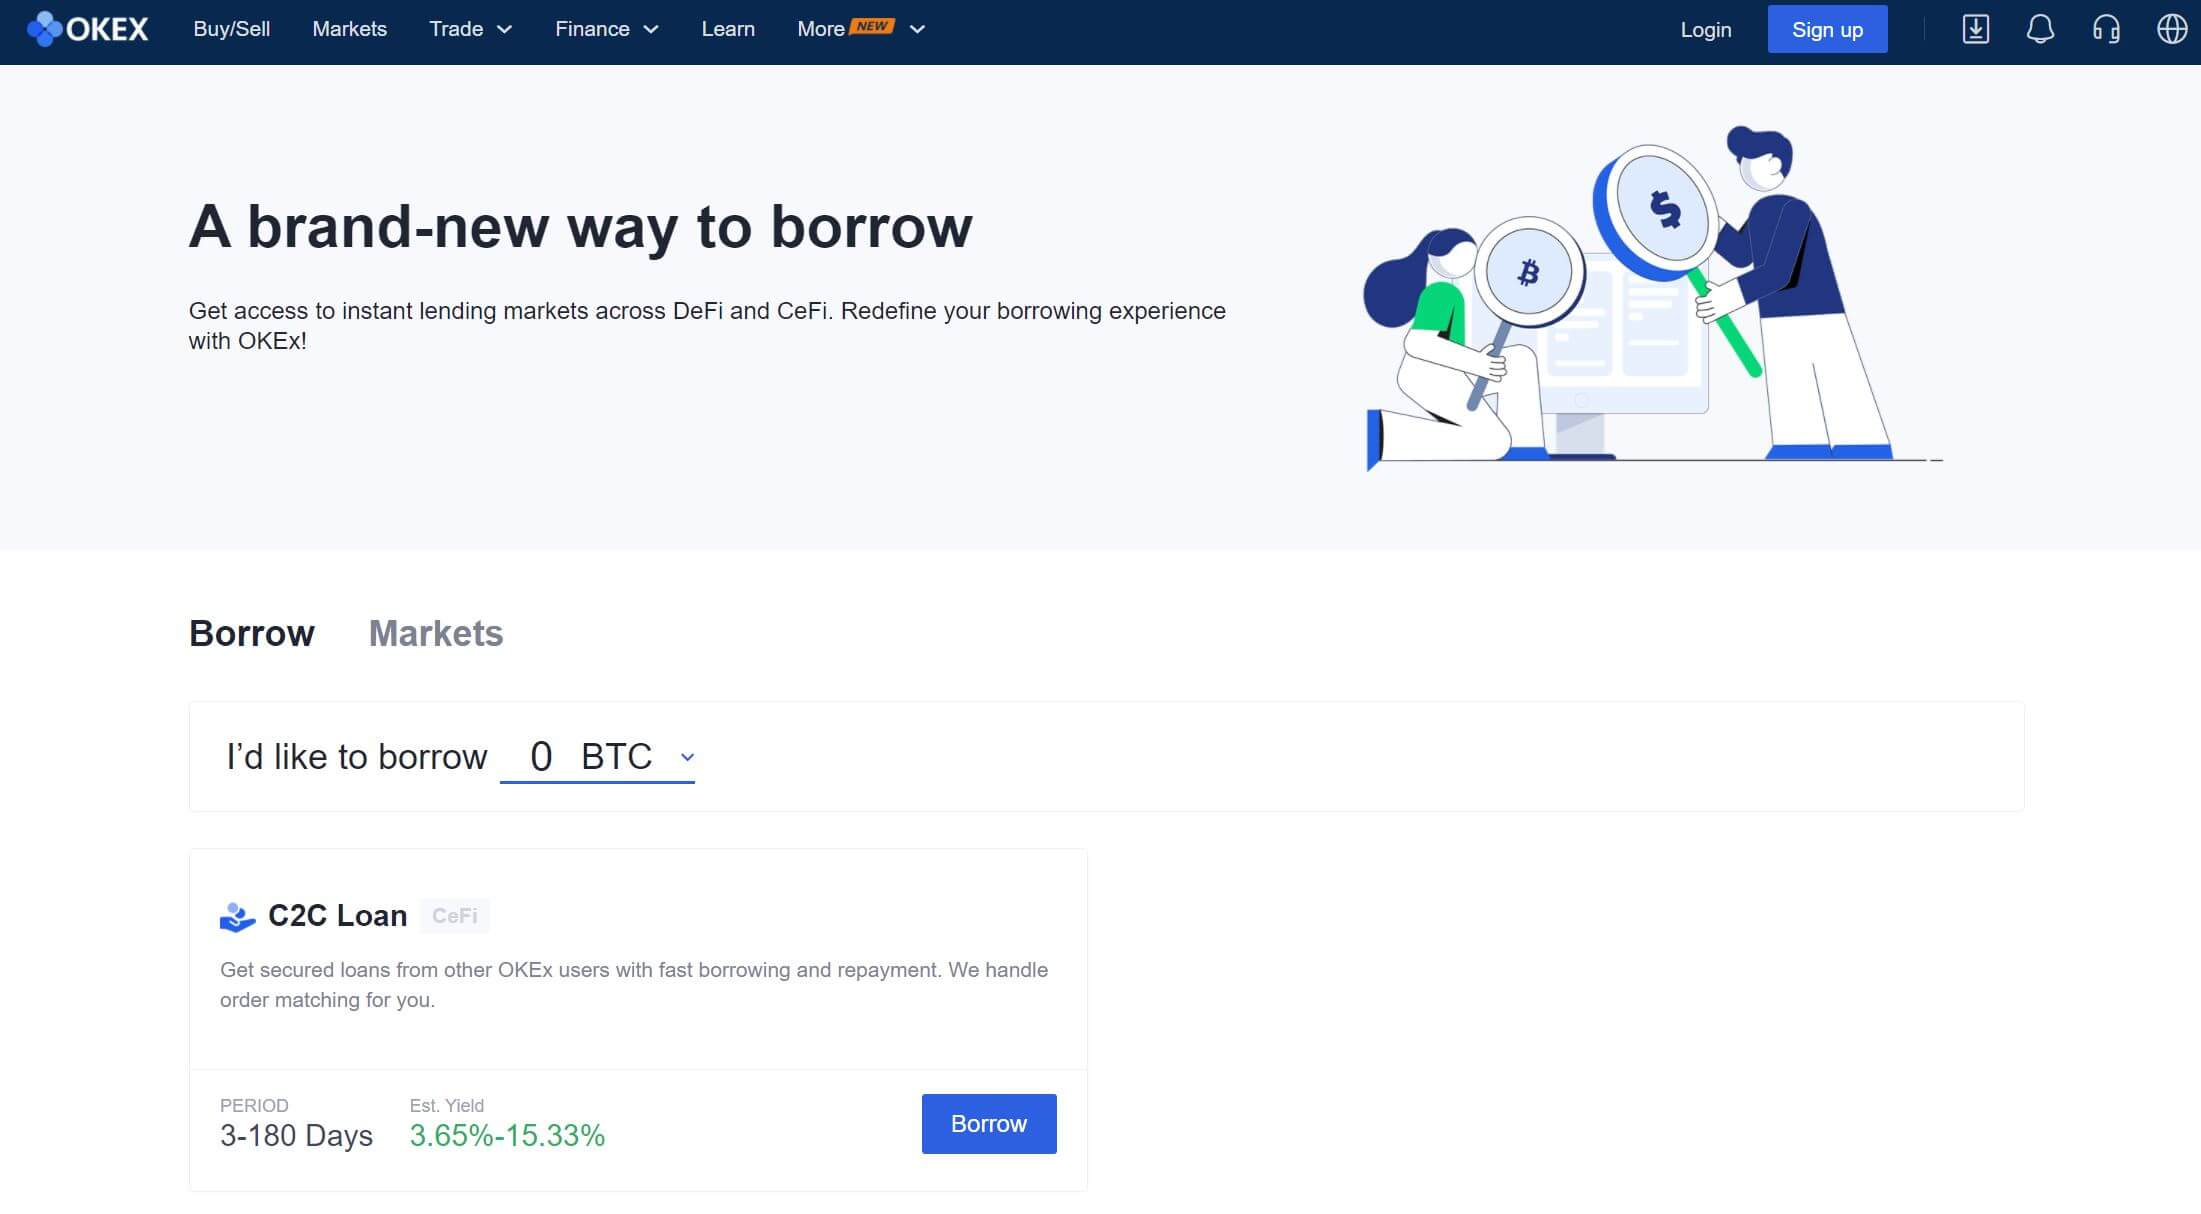 OKEX Loan